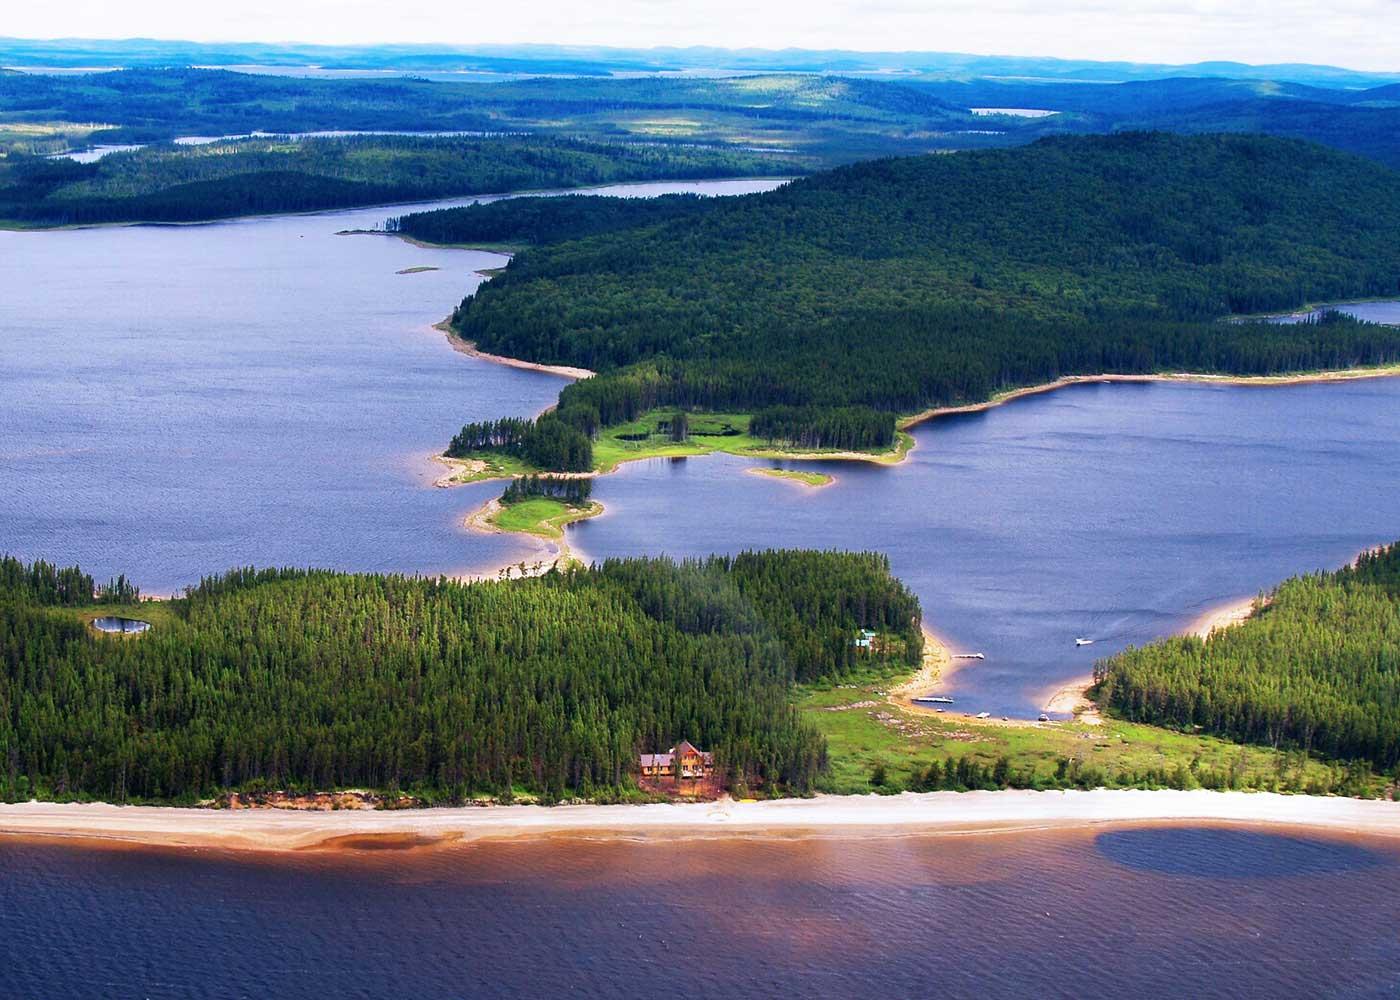 Pourvoirie avec Chalets Bateau maison - Auberge forestière à vendre au Québec (Canada)